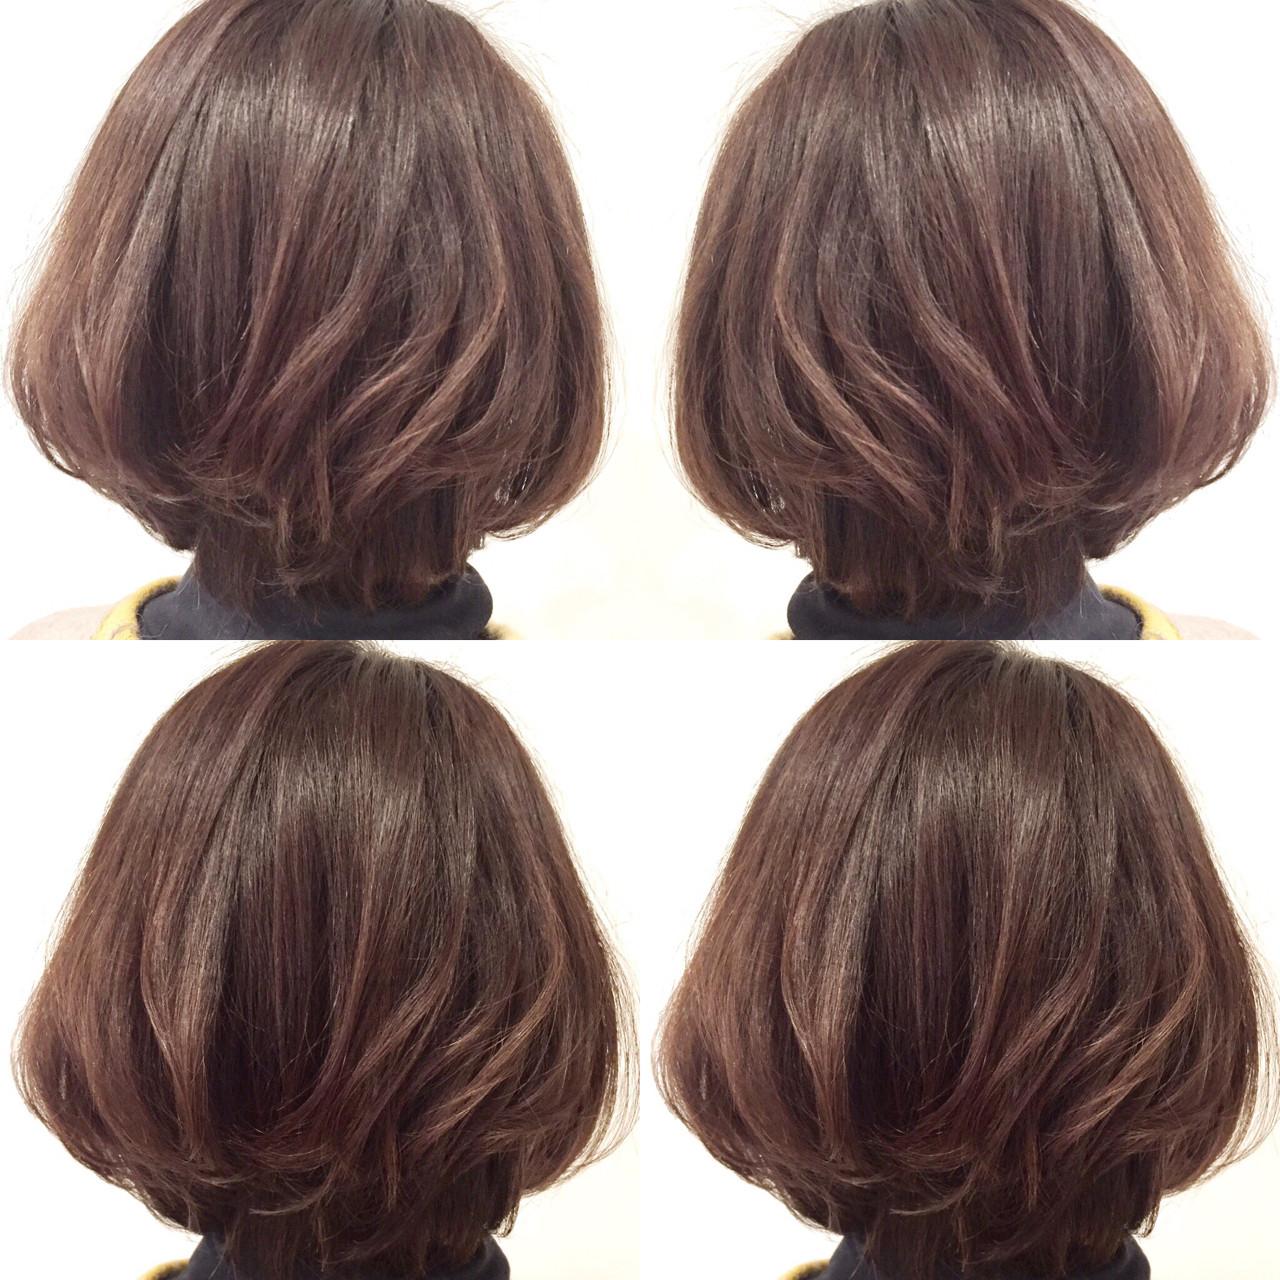 似合わせ 色気 ボブ ショート ヘアスタイルや髪型の写真・画像